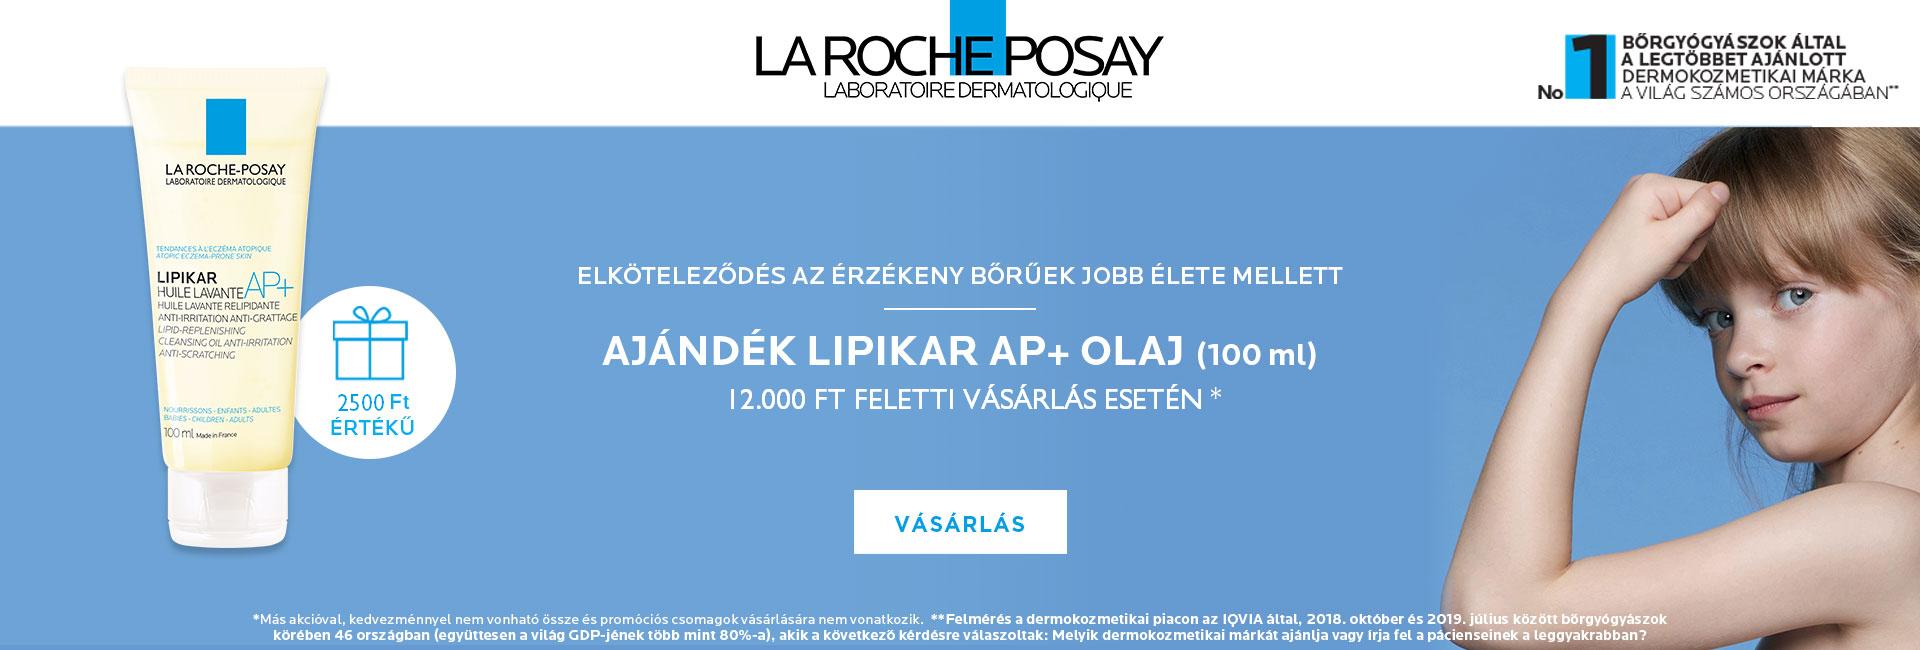 2021. január 18-31. között minden 12.000 Ft feletti La Roche-Posay megrendelés mellé ajándékba adunk 1db La Roche-Posay Lipikar tusfürdő olaj AP+ 100ml-t! Az ajándék értéke: 2.500 Ft!